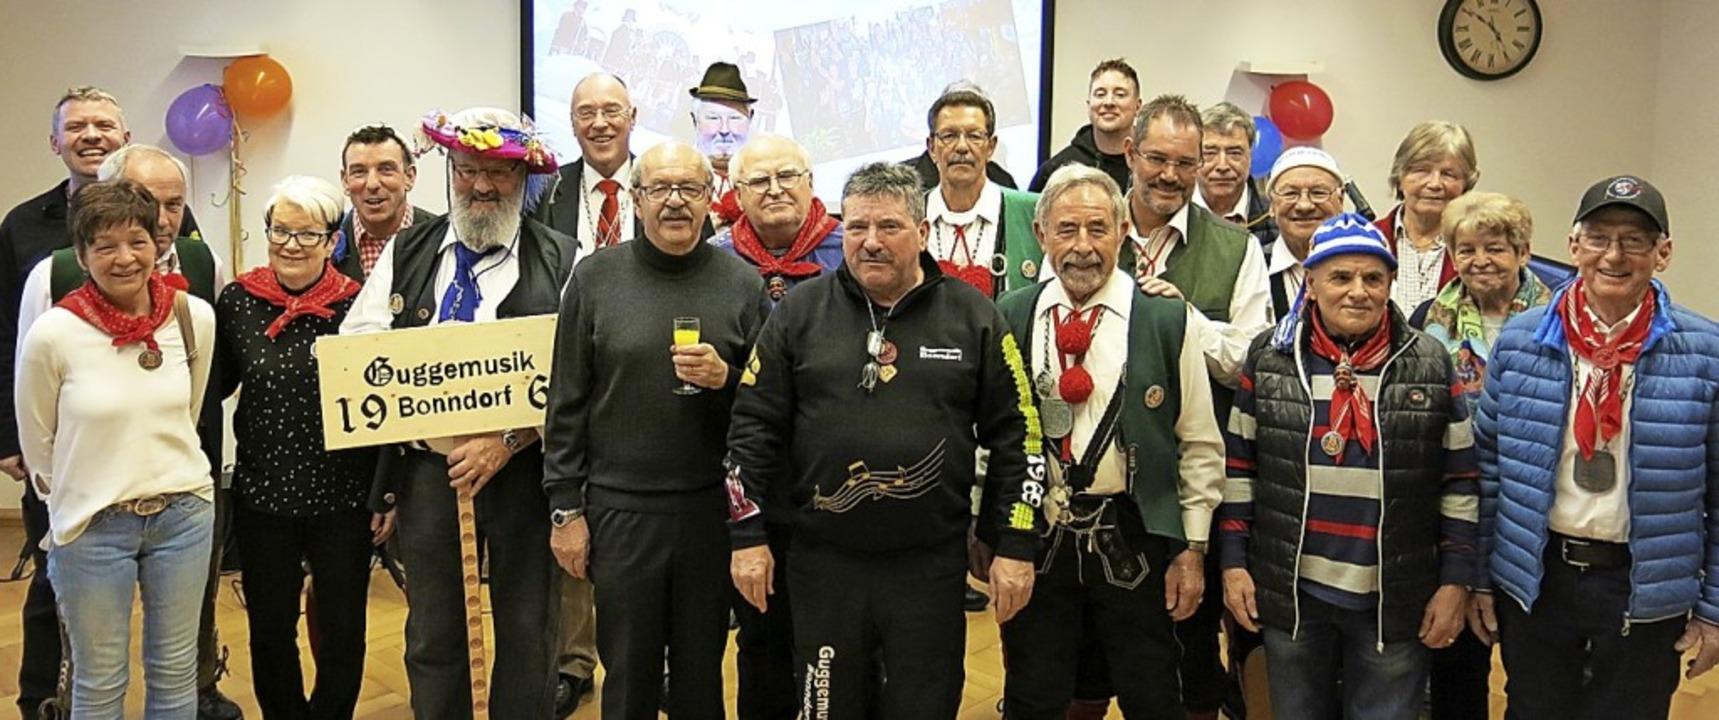 Die Gründungsmitglieder der Guggenmusi...Wegbegleitern den gebührenden Applaus.  | Foto: Erhard Morath